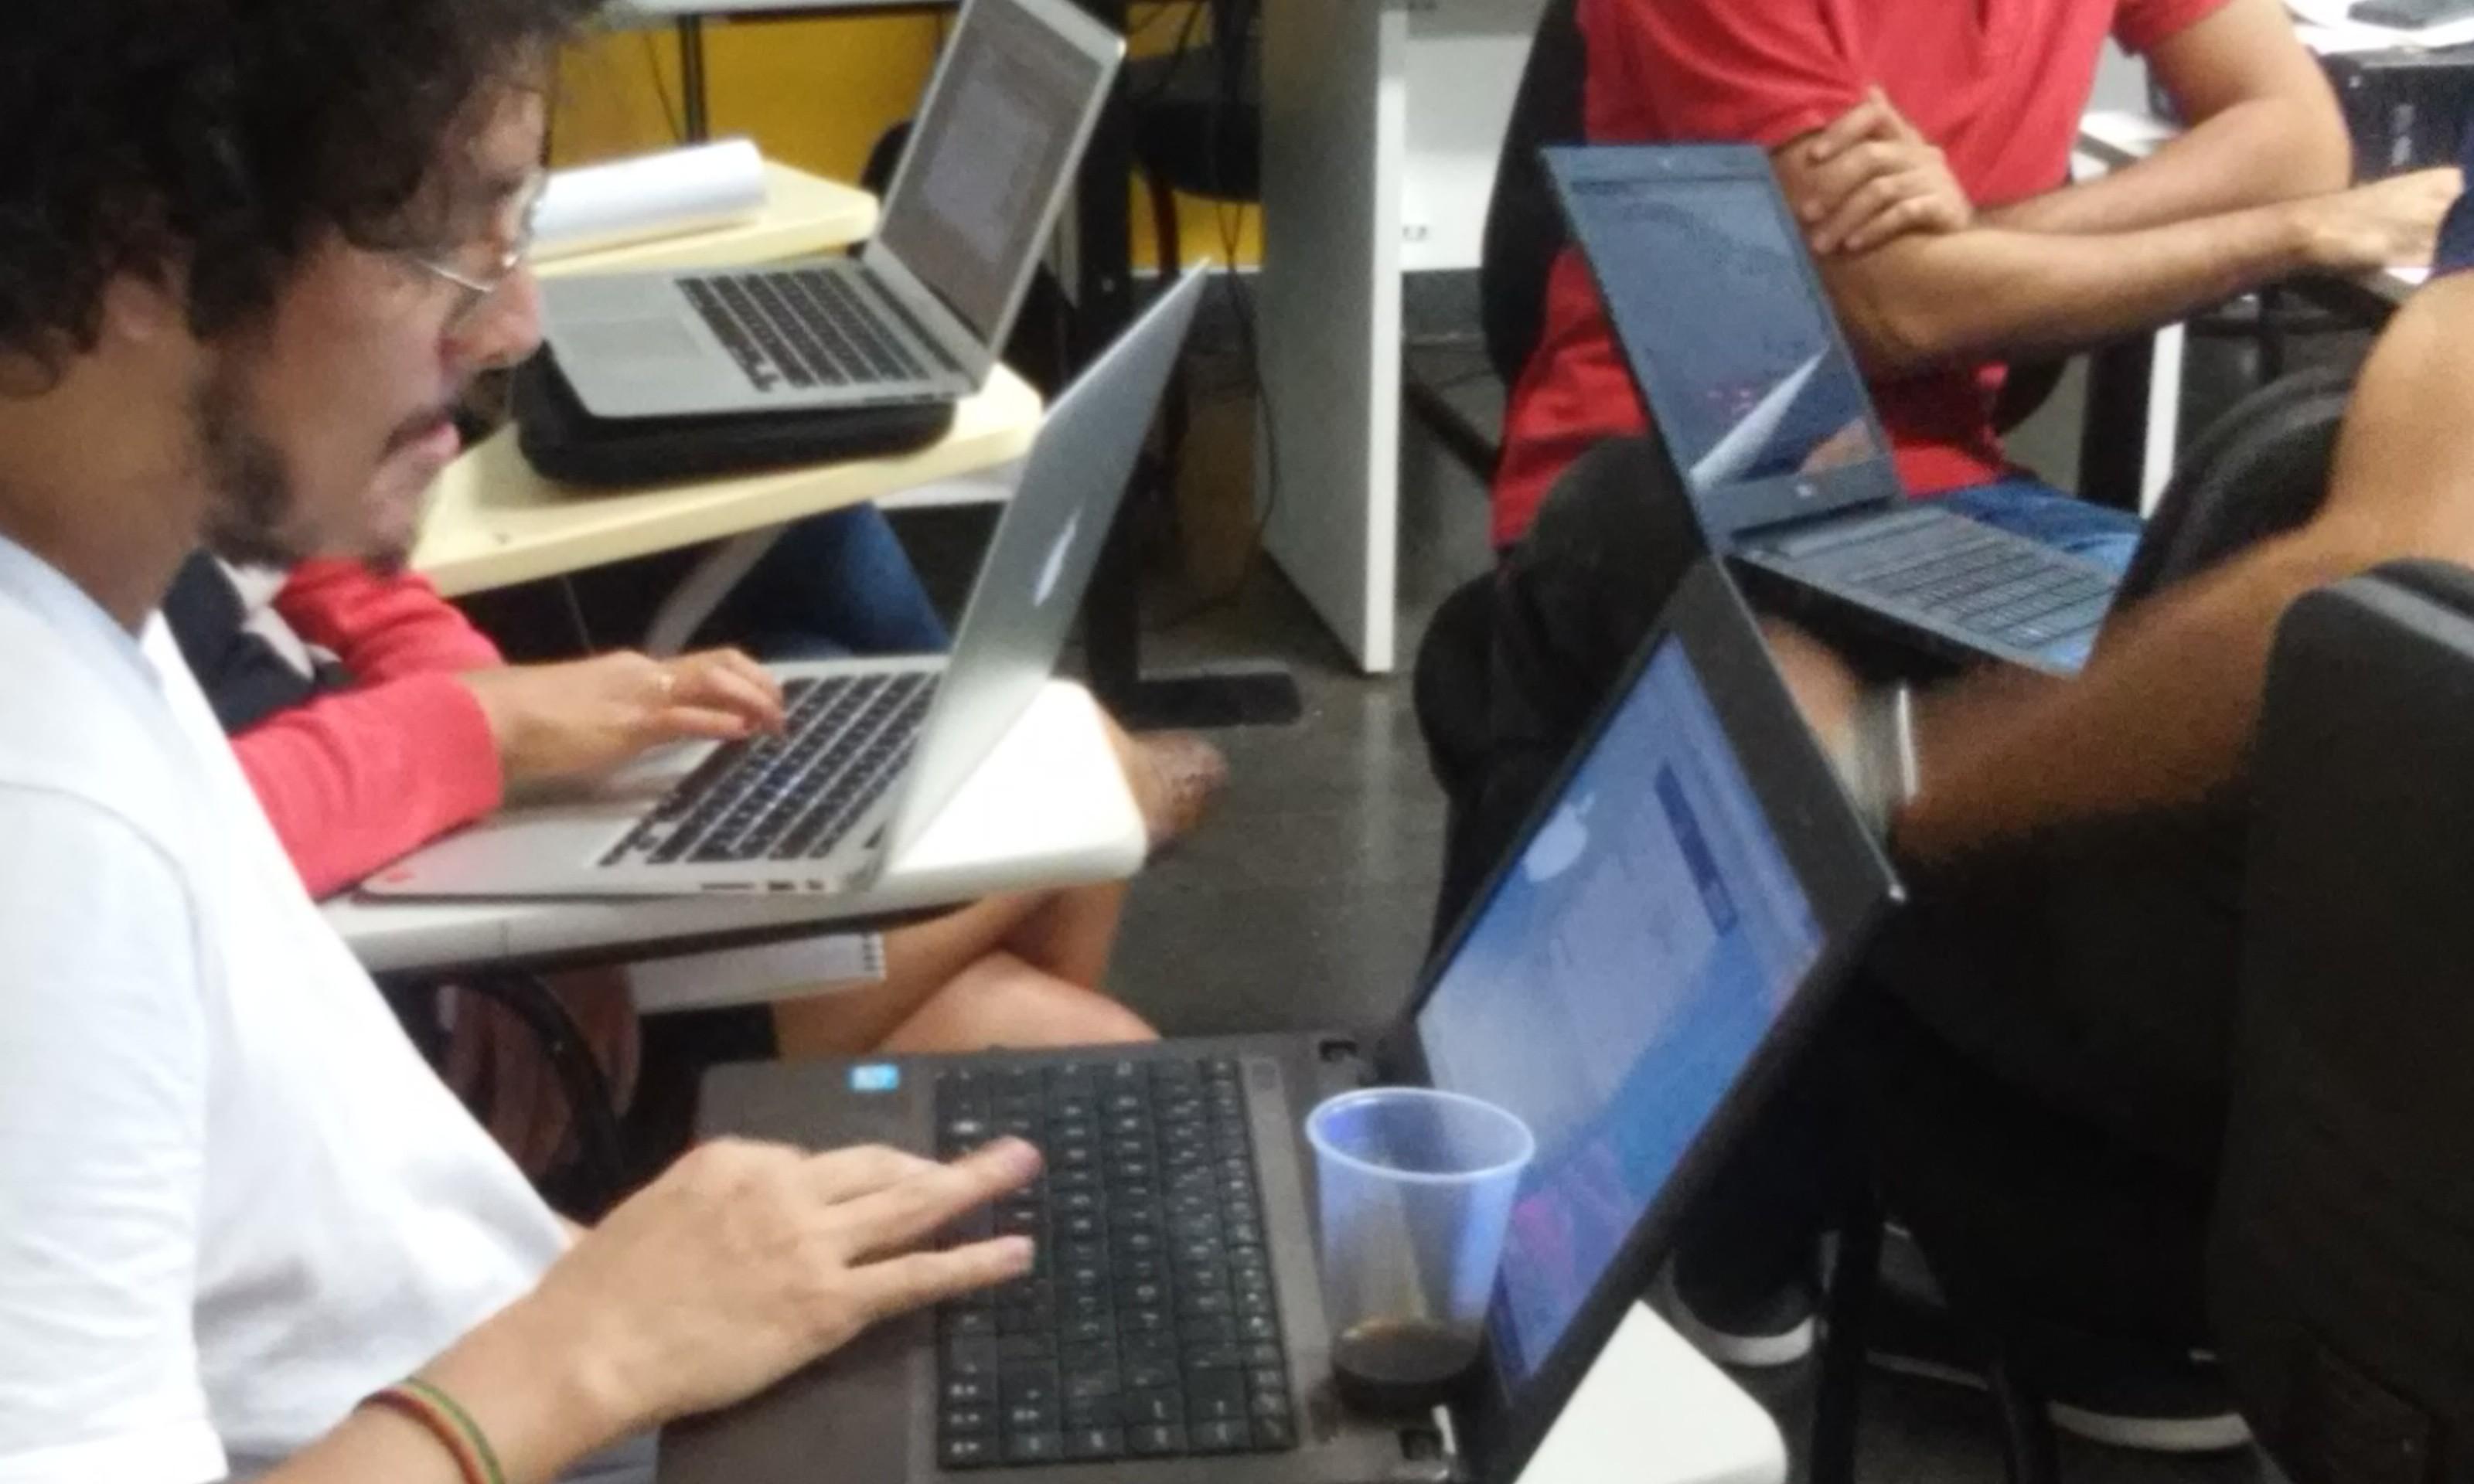 Curso gratuito vai mostrar como o jornalismo pode se beneficiar de técnicas comuns a outras áreas, como ciência da computação, design e análise de dados.